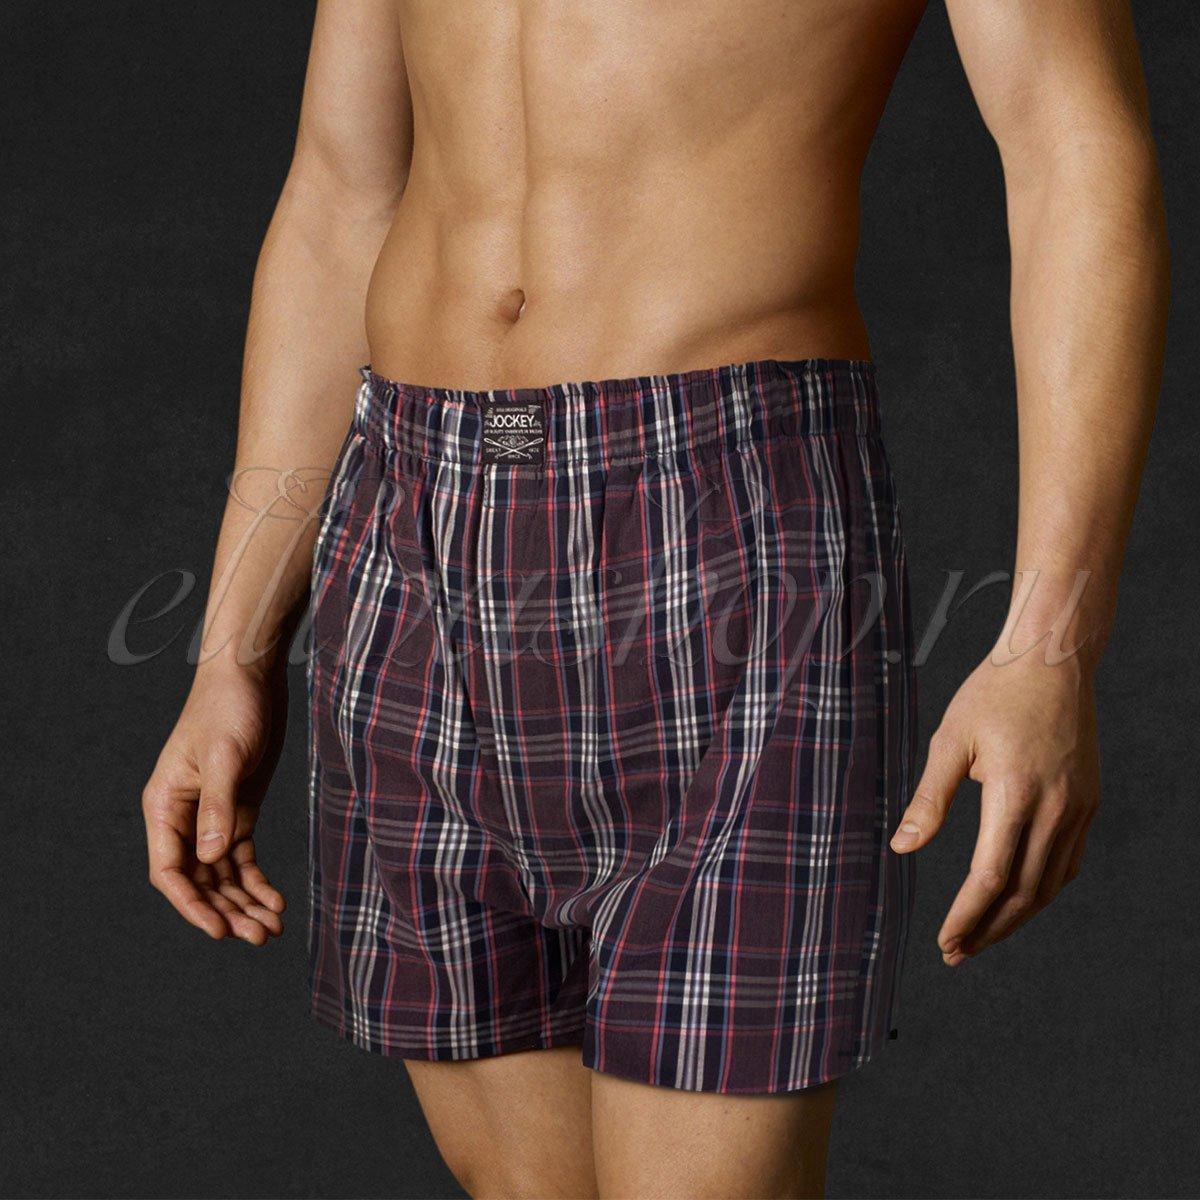 Трусы мужские шорты 311062 Клетка бордо Jockey